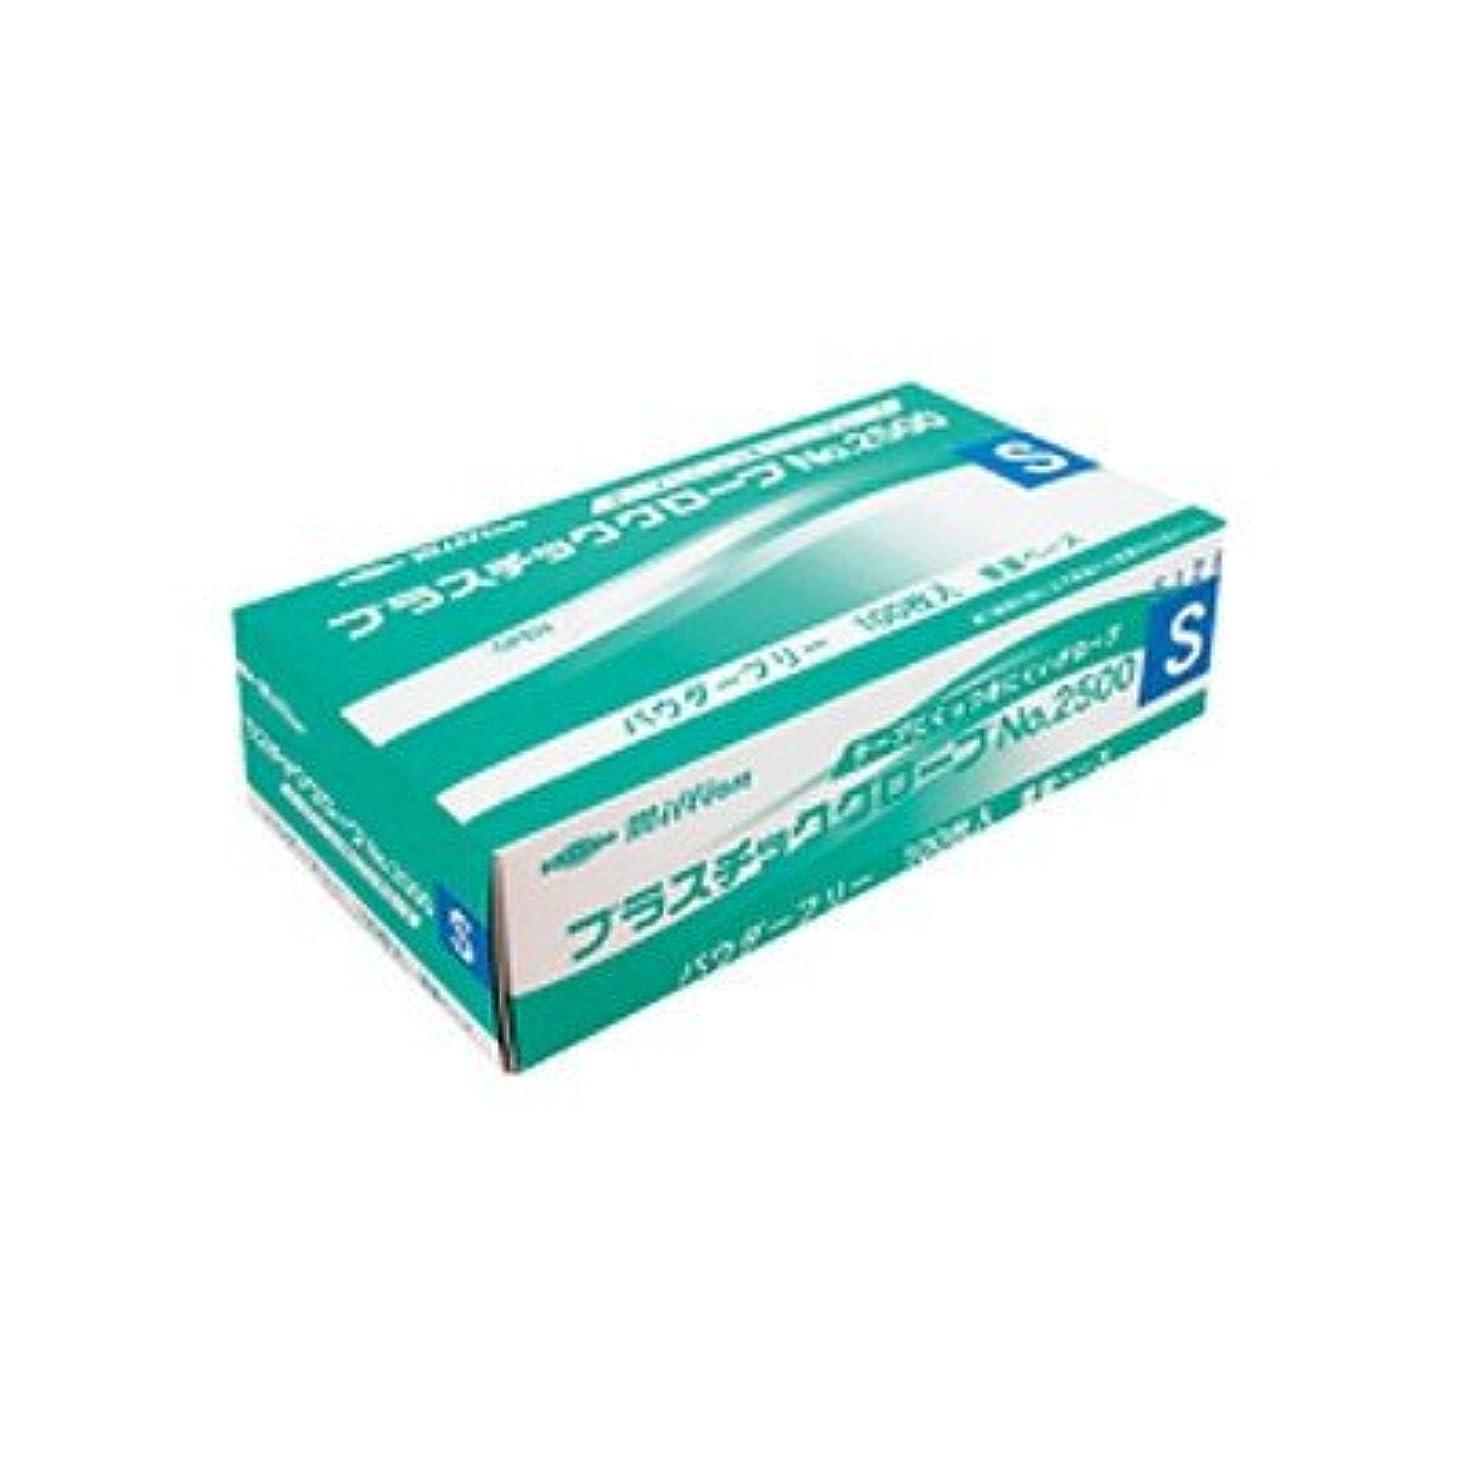 余計なドーム温かいミリオン プラスチック手袋 粉無No.2500 S 品番:LH-2500-S 注文番号:62741675 メーカー:共和